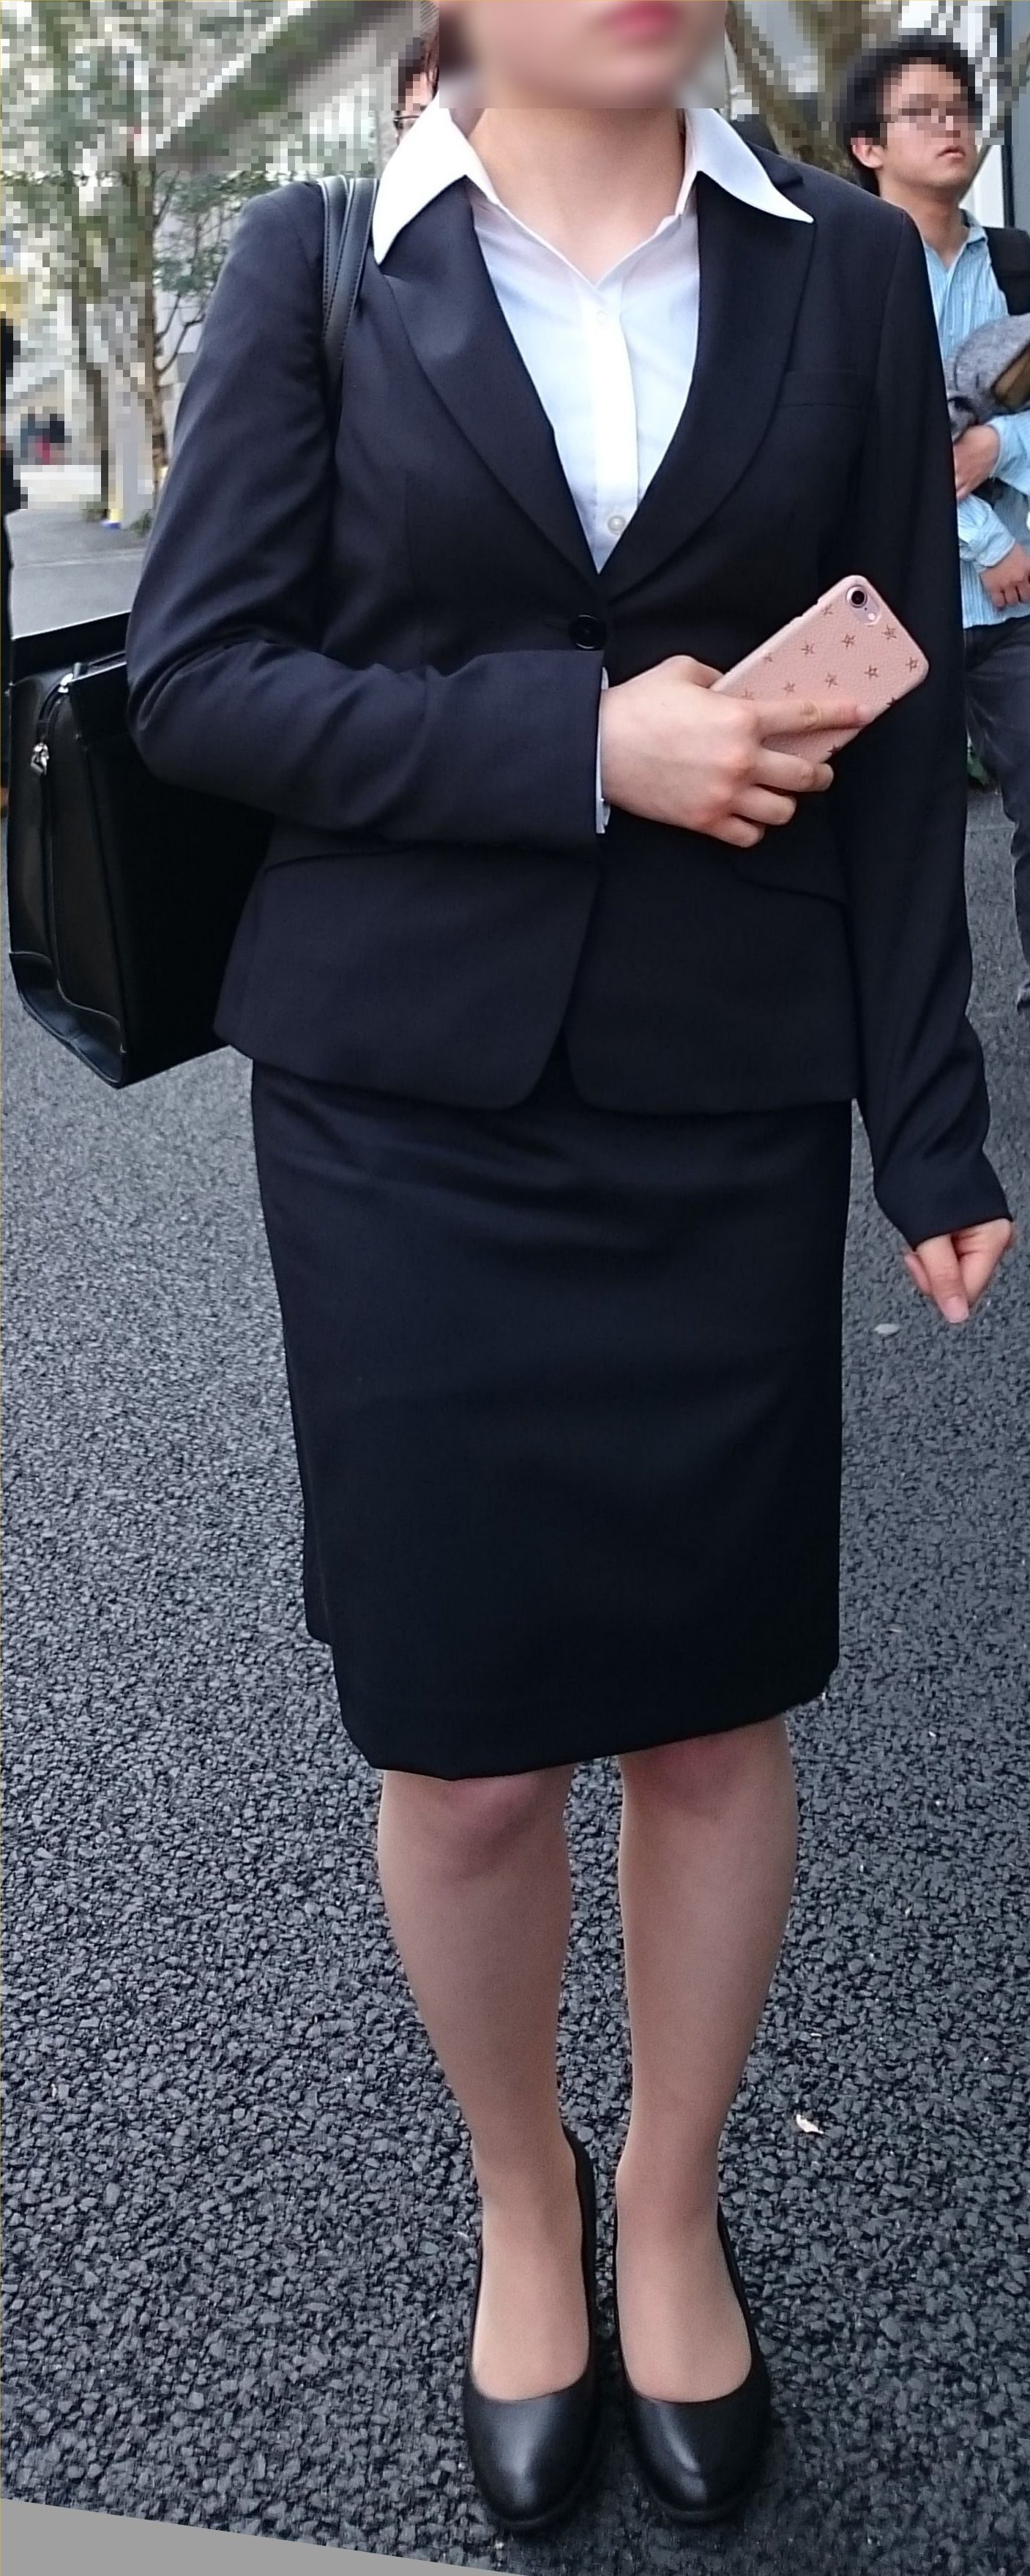 スーツや制服姿の働くお姉さんの素人エロ画像-034